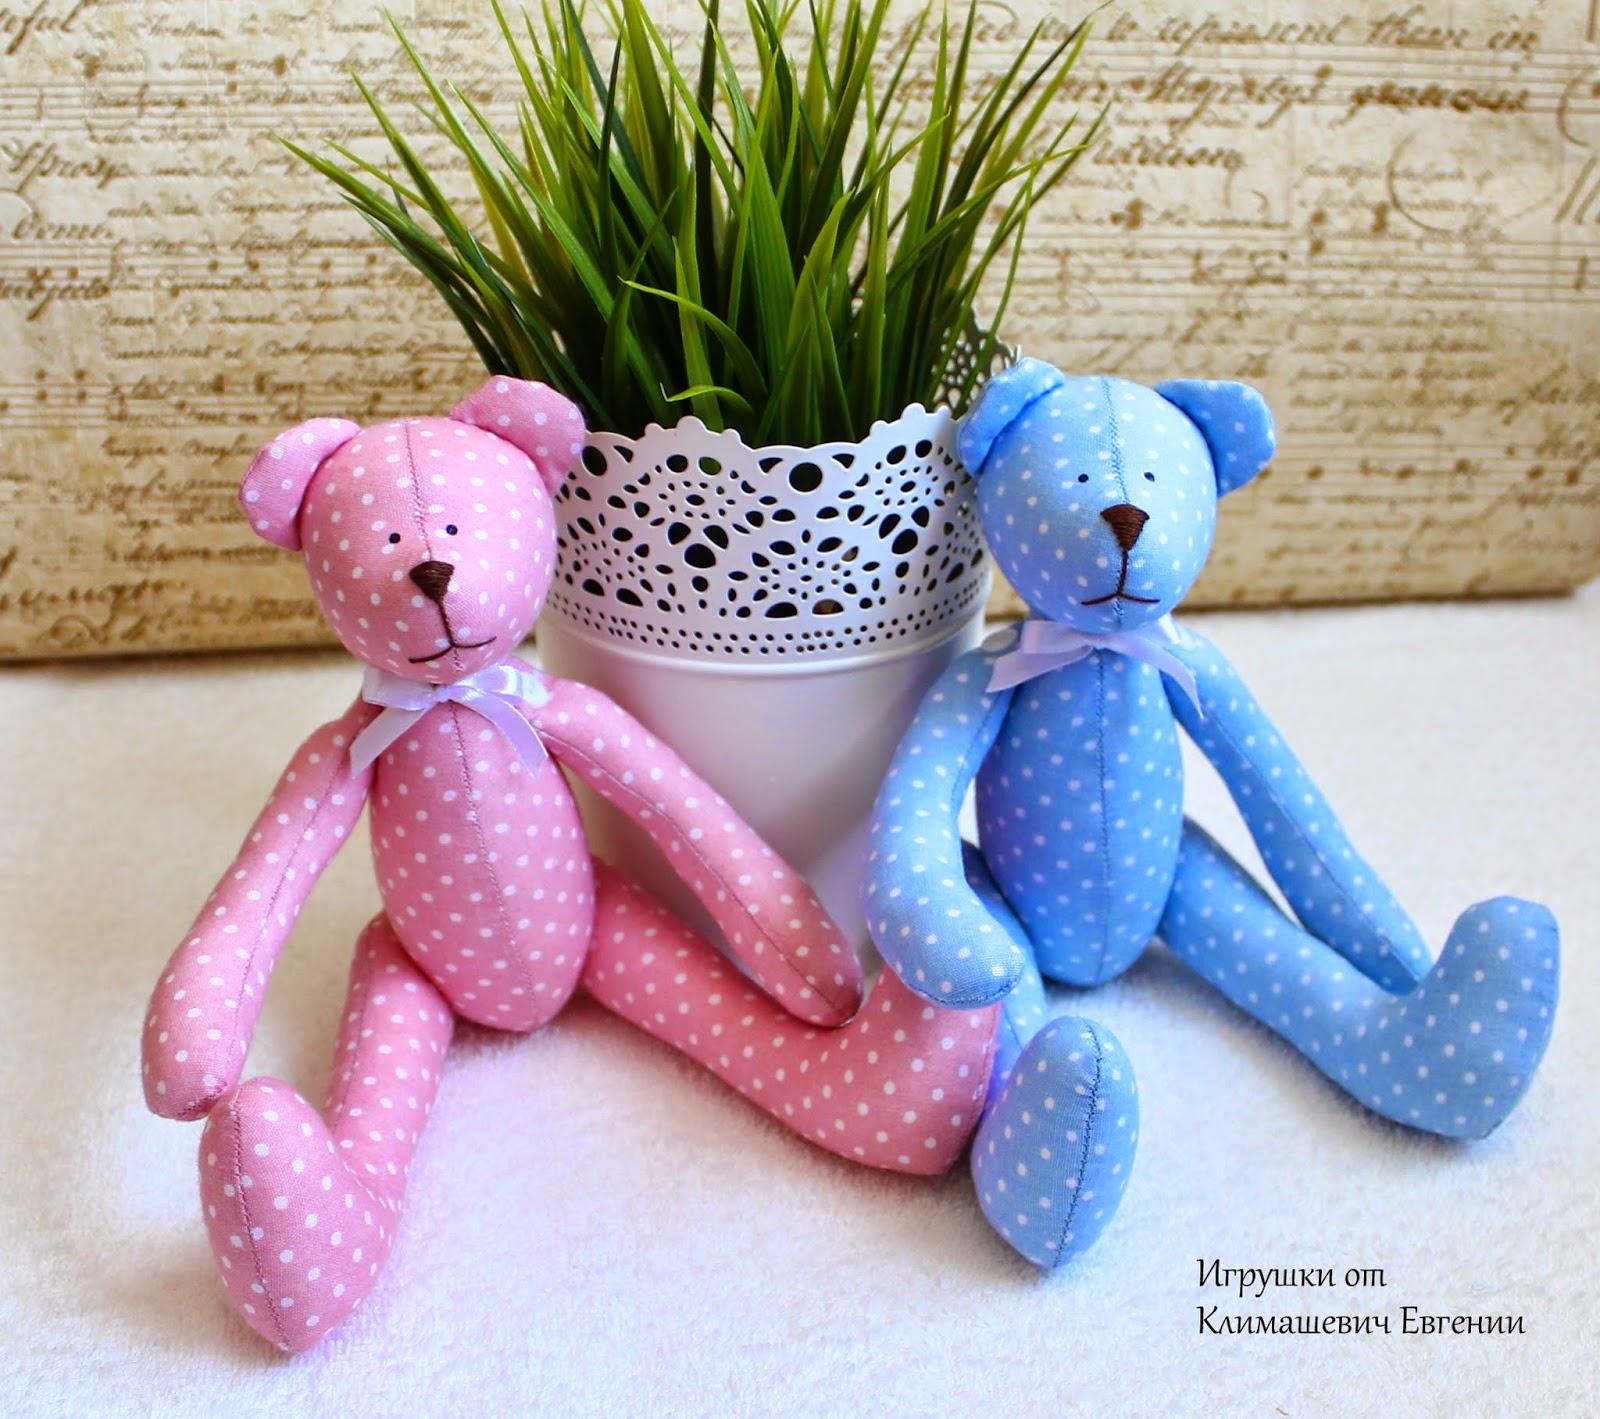 Мишка, мишка тильда, медведь, медвежонок, мишки, текстильный мишка, тильда, игрушка тильда, игрушка мишка